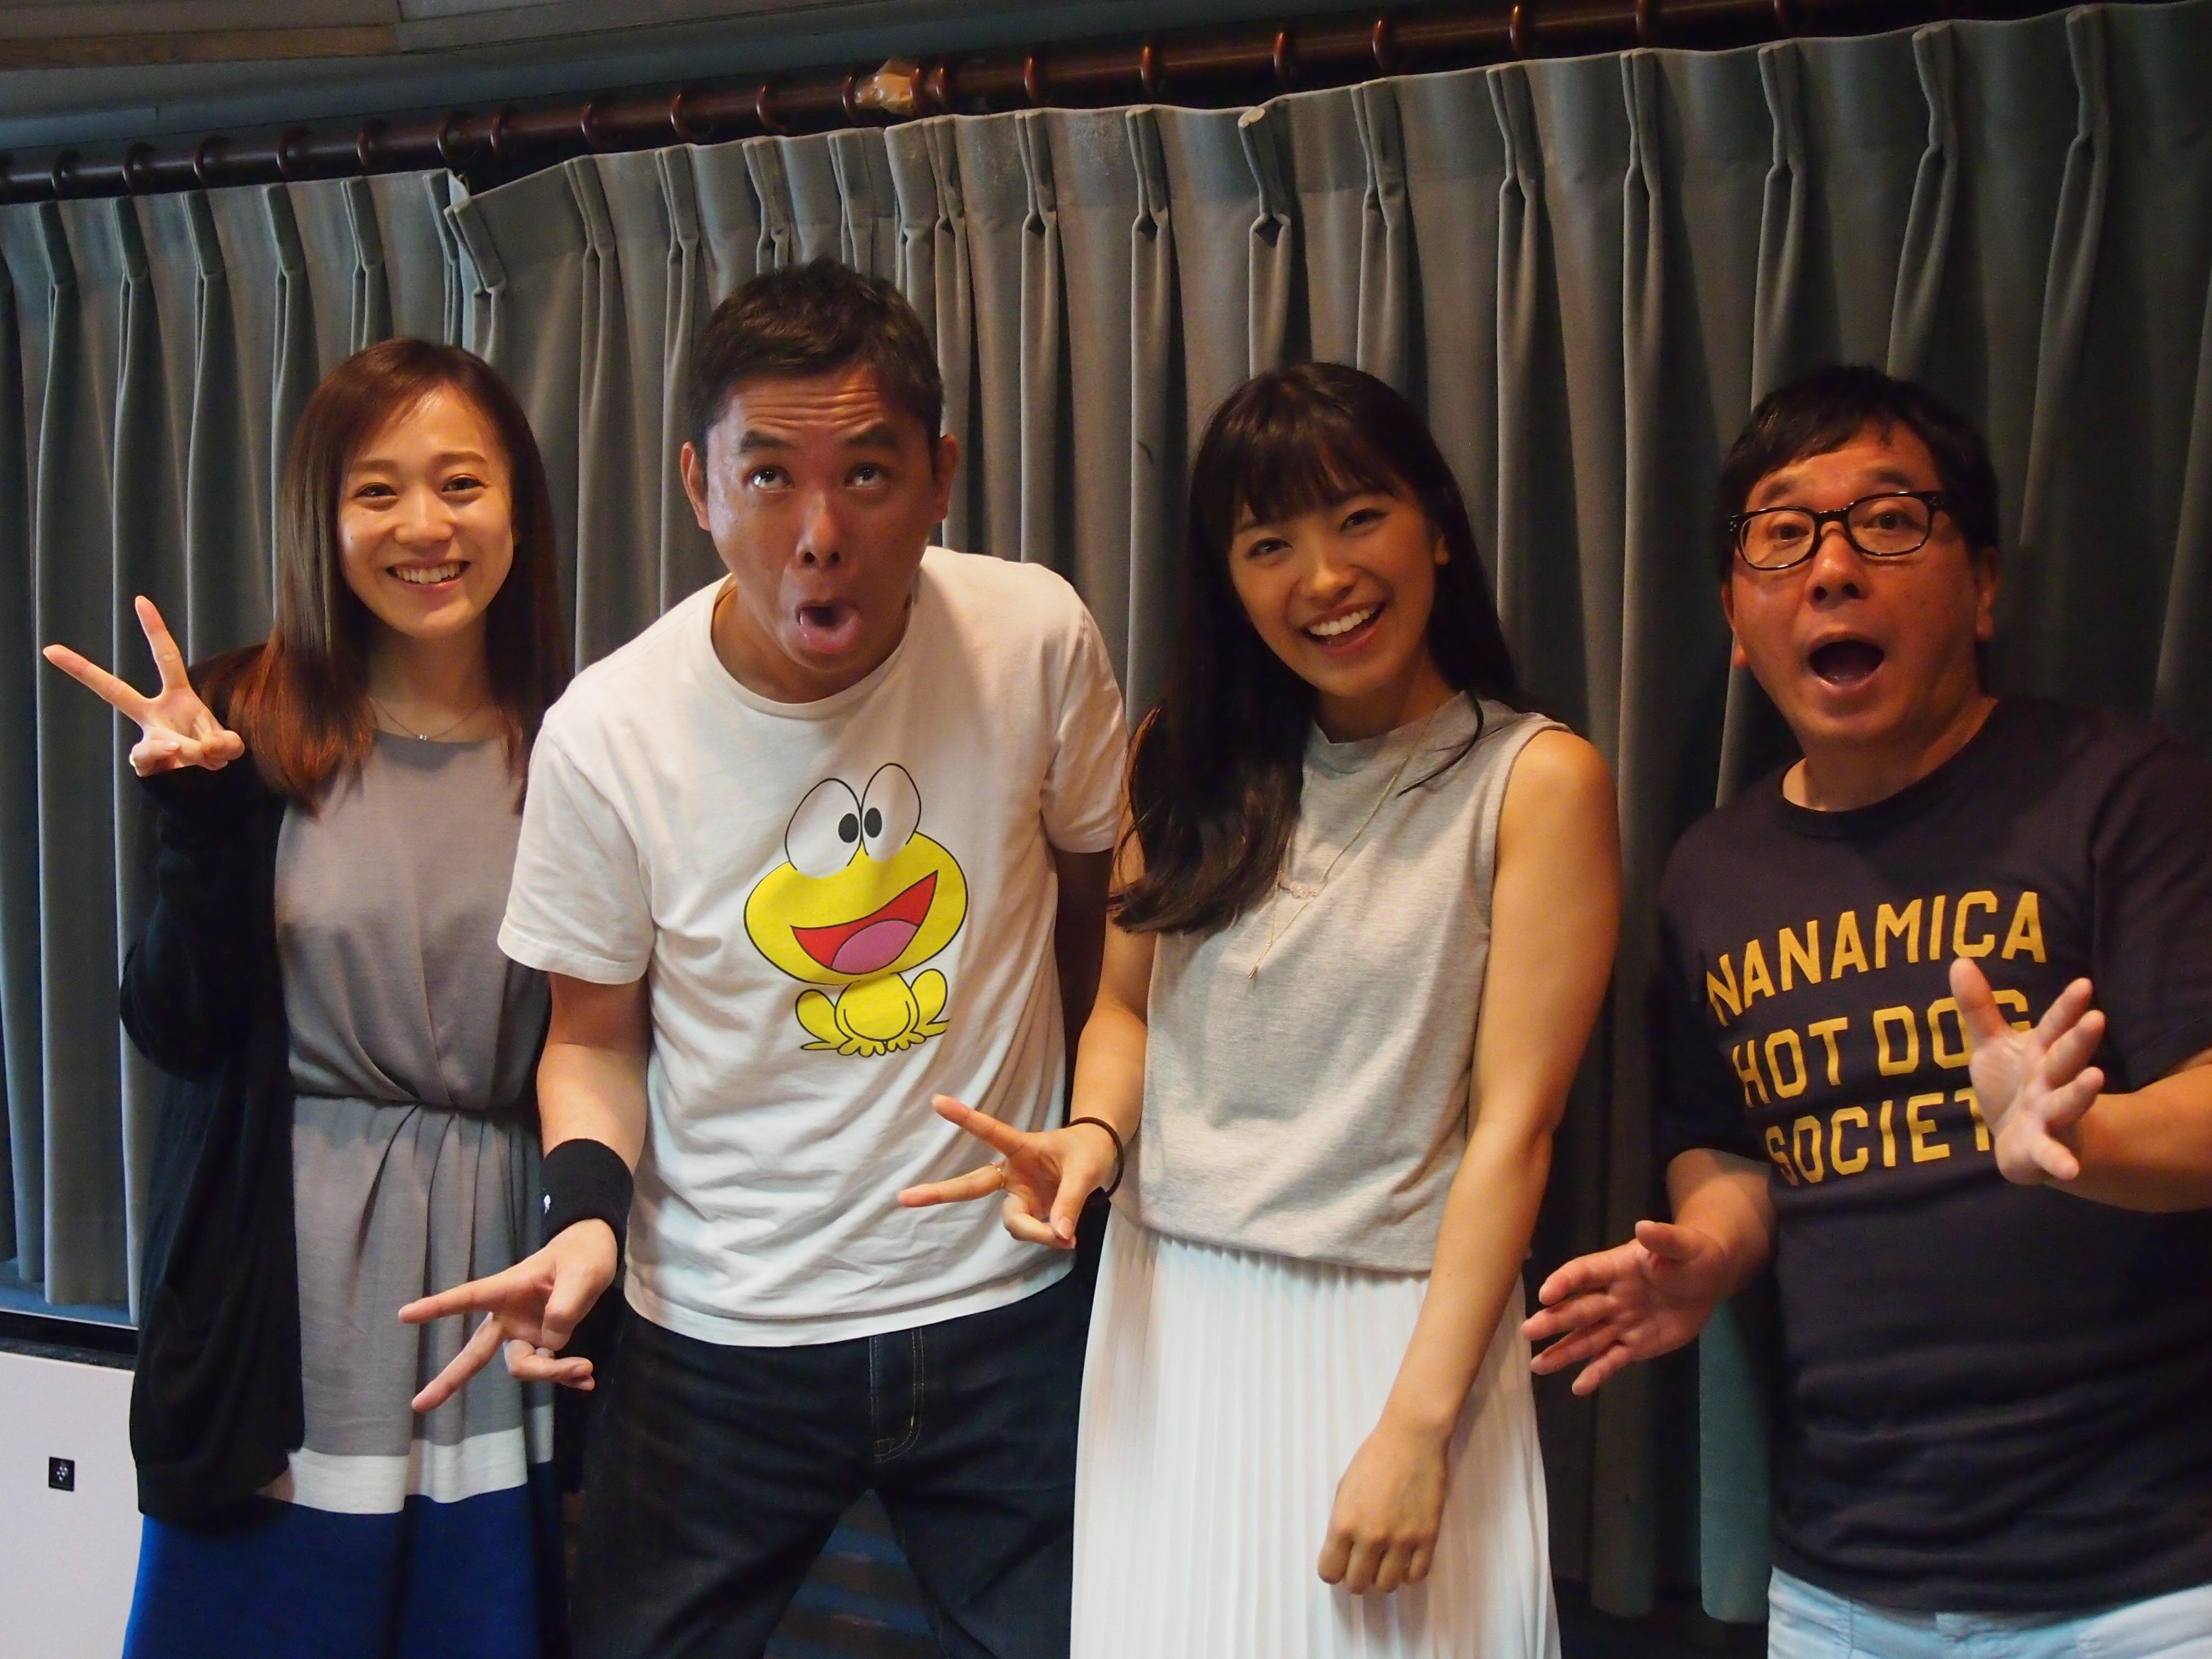 放送中                                                                                                                                                                                                                                    TBSラジオ FM90.5 + AM954                                                    放送中爆笑問題・太田が、miwaを完コピ!?TBSラジオ「爆笑問題の日曜サンデー」番組への投稿                この記事の                番組情報            爆笑問題の日曜サンデー